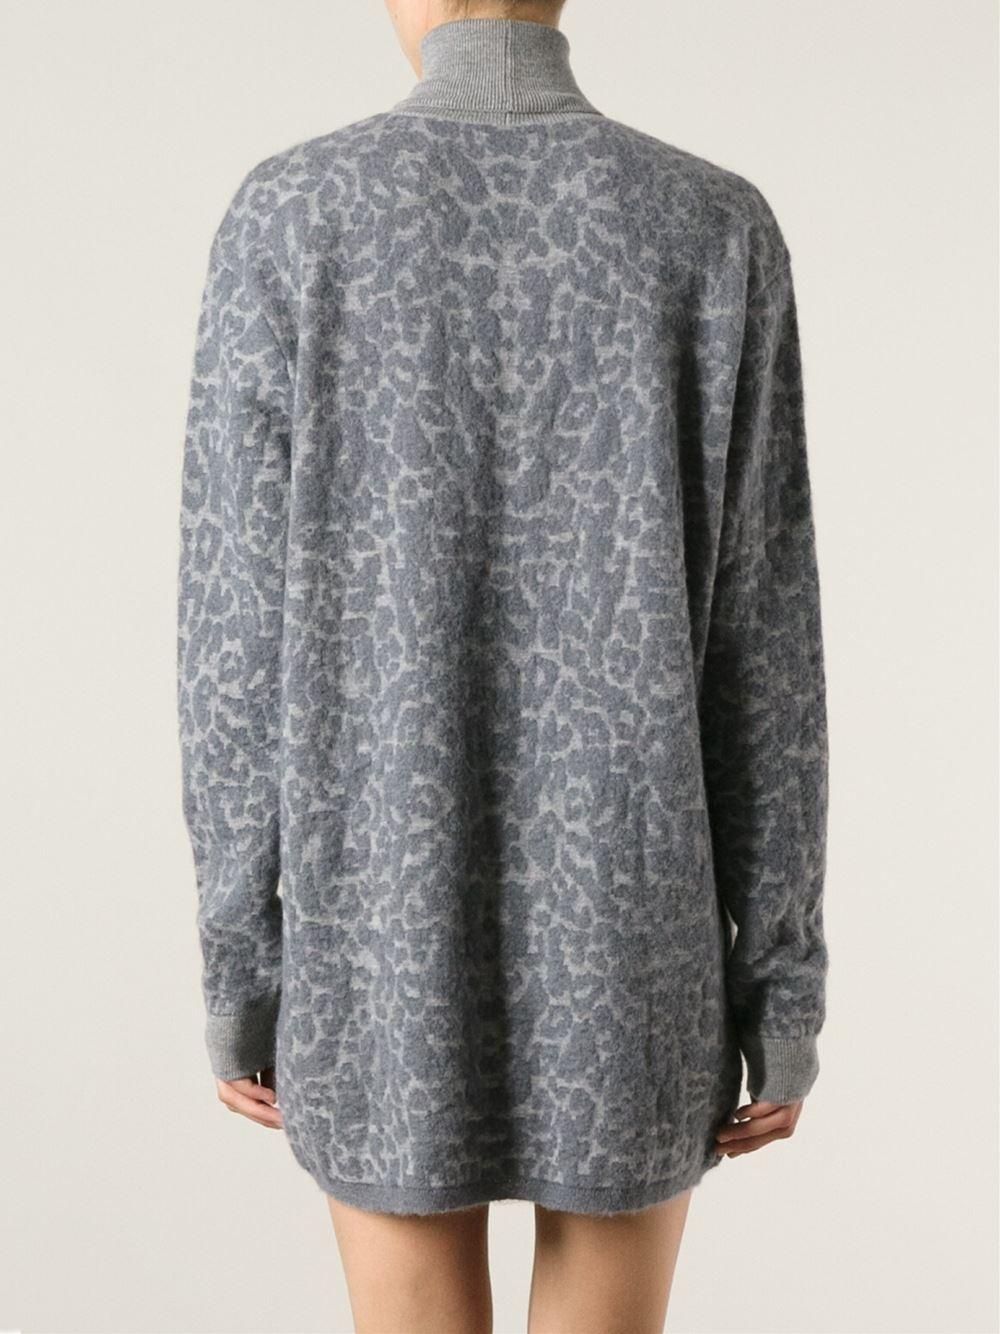 Lyst Mcq Leopard Pattern Sweater Dress In Gray